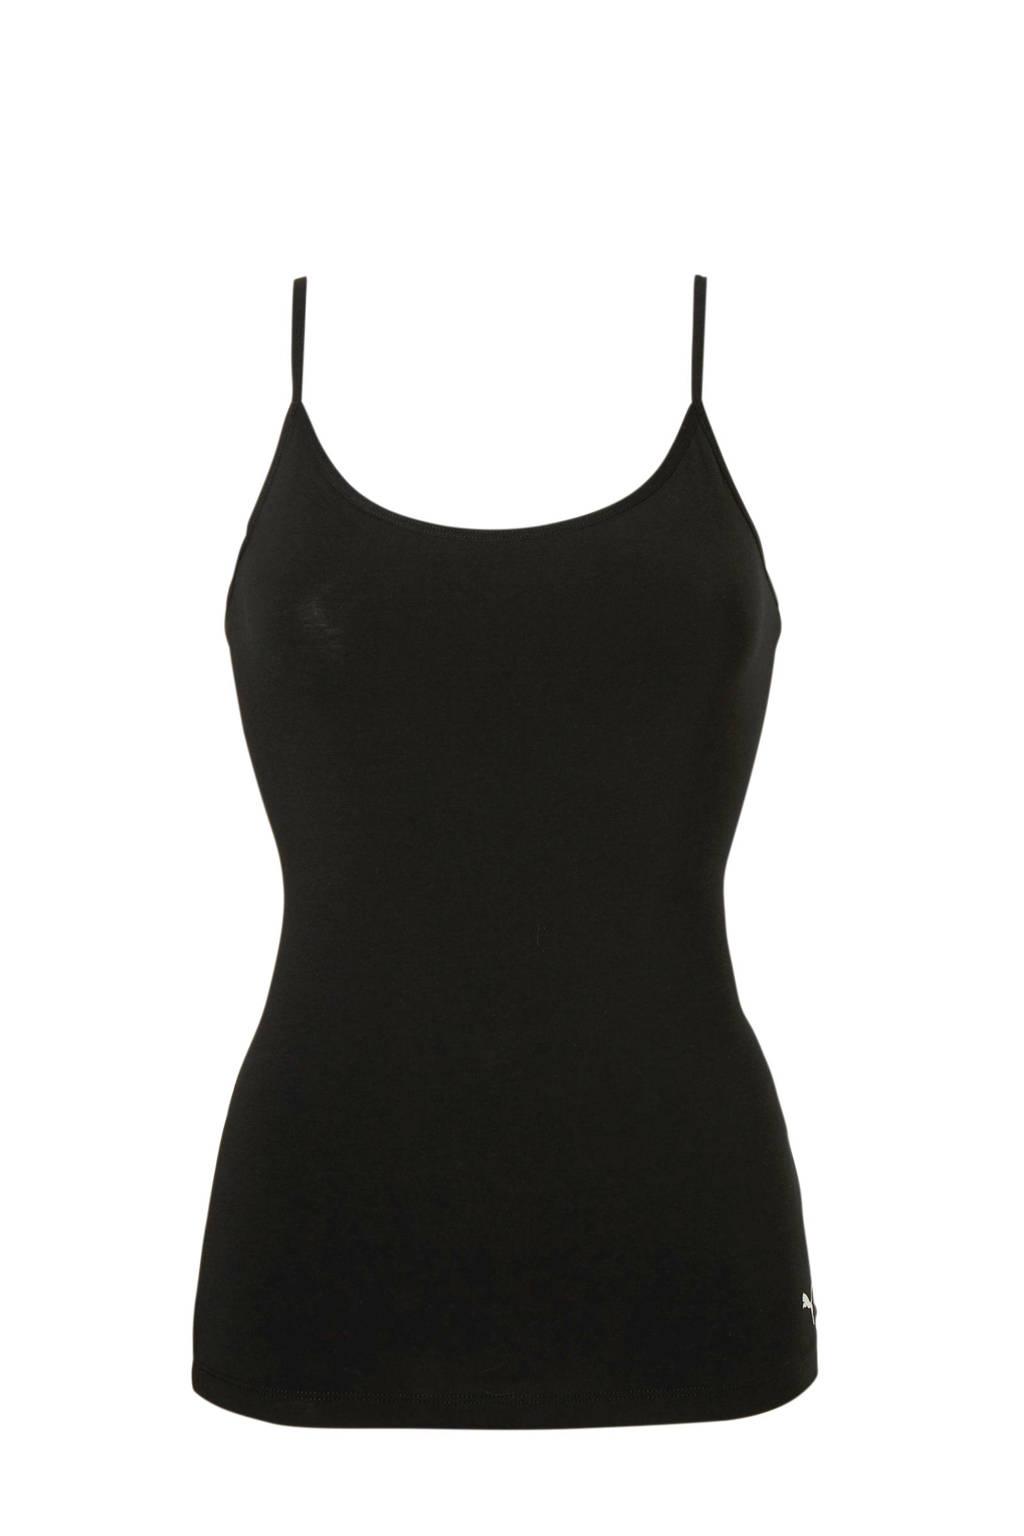 Puma hemd zwart, Zwart